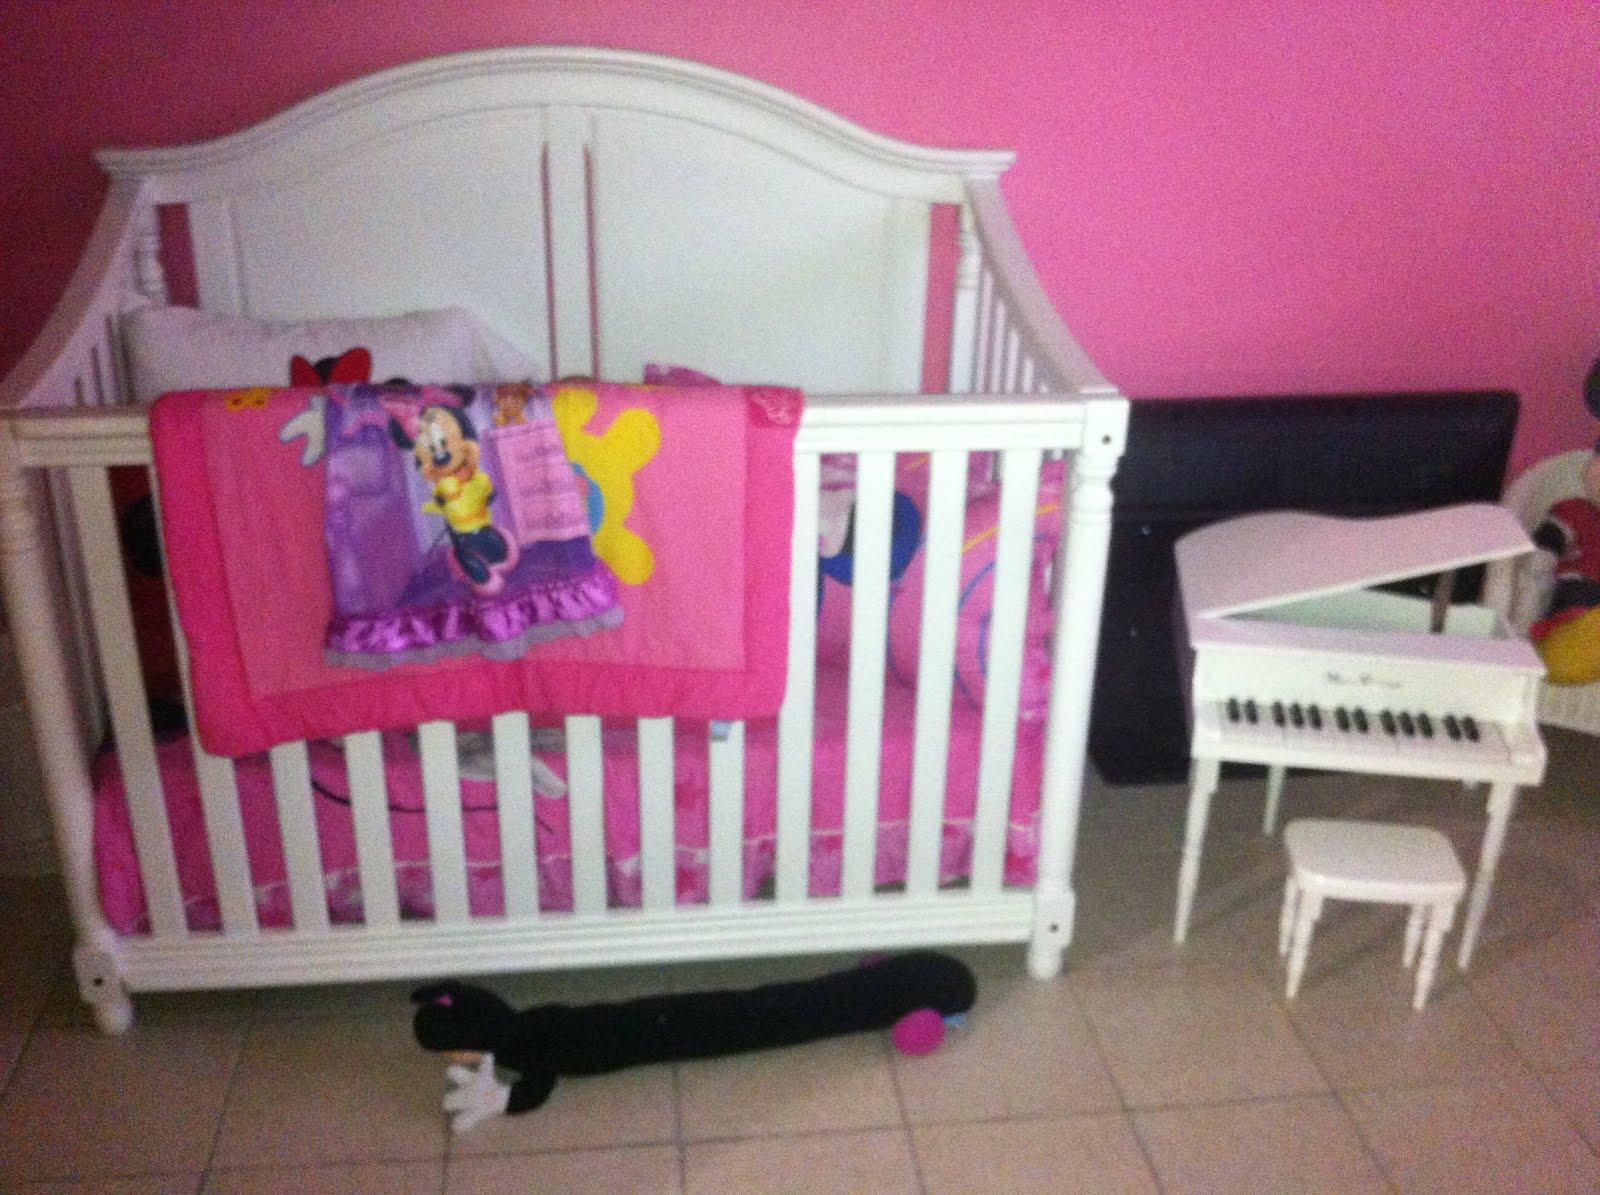 Venta De Muebles Para Bebe En Monterrey Cddigi Com # Muebles Jireh Bogota